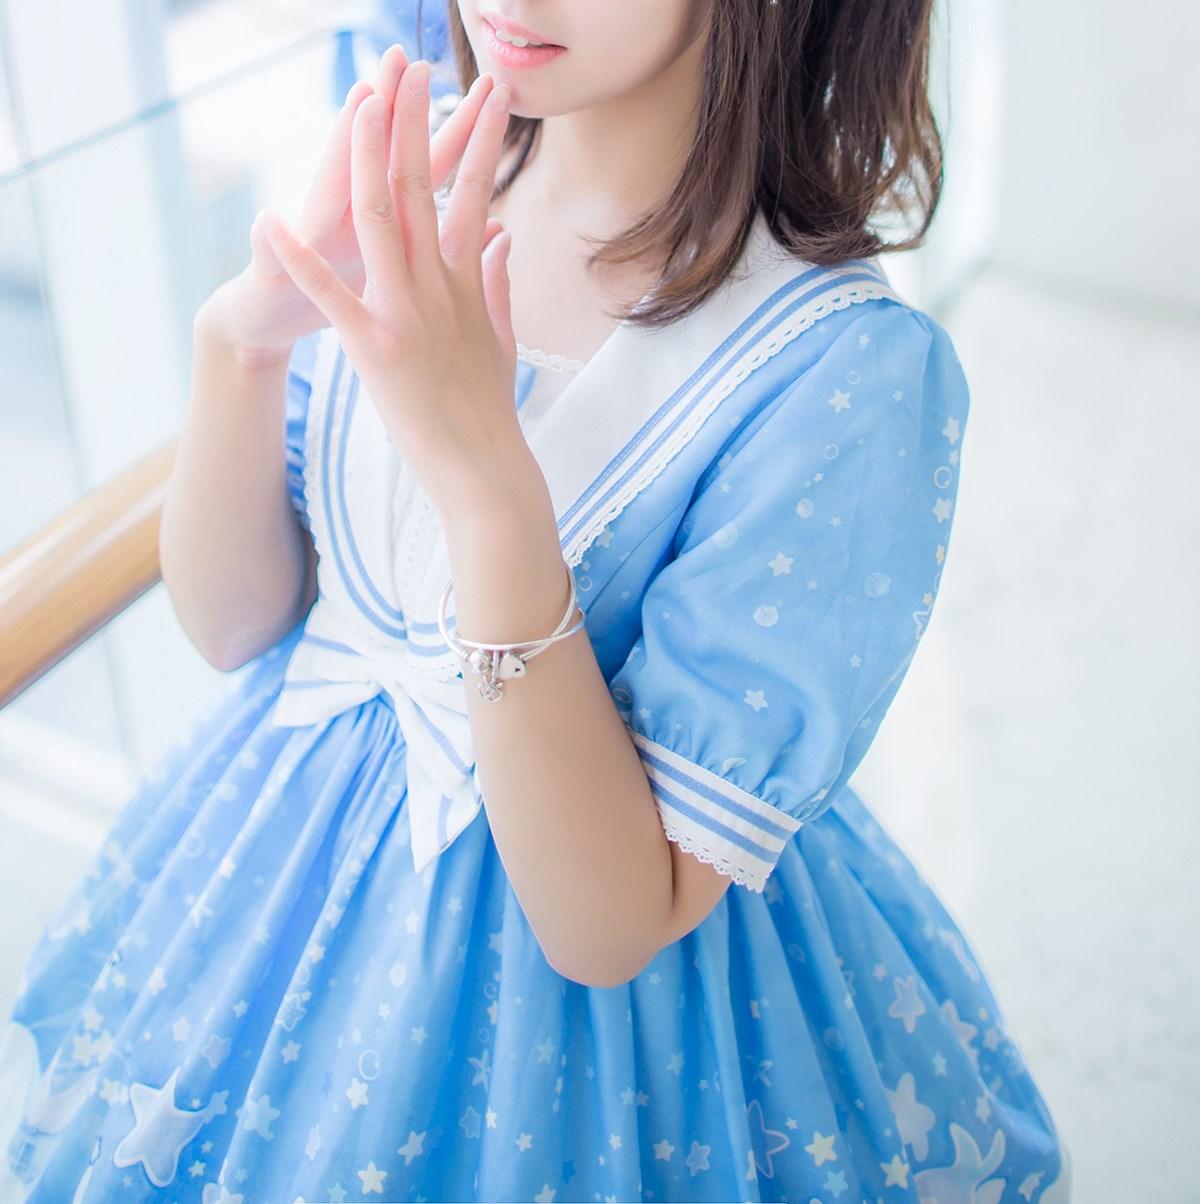 【兔玩映画】蓝色的LO娘 兔玩映画 第18张